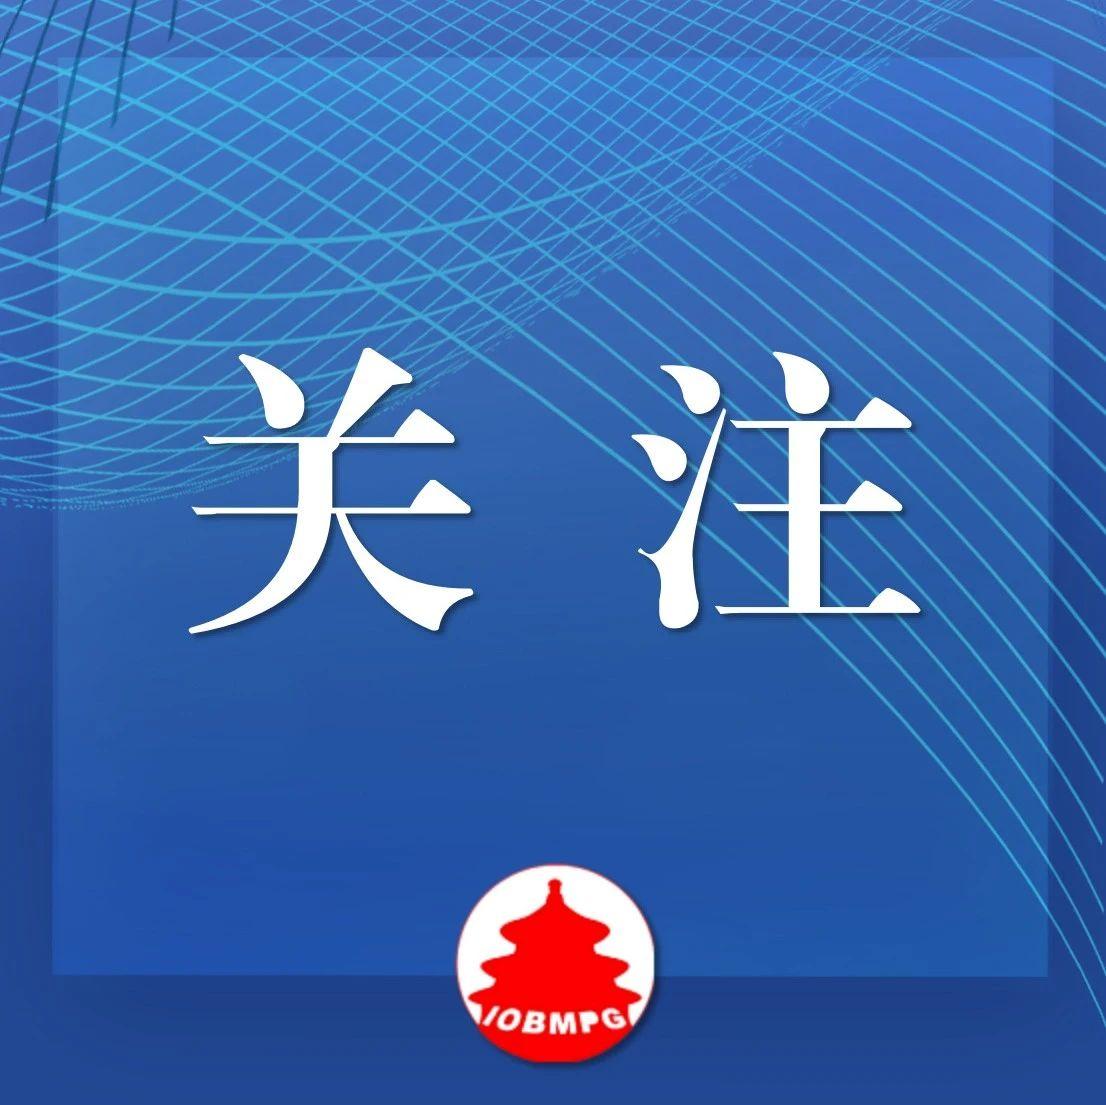 二十二条促消费新举措陆续落地,新消费引领京城商业回暖升级